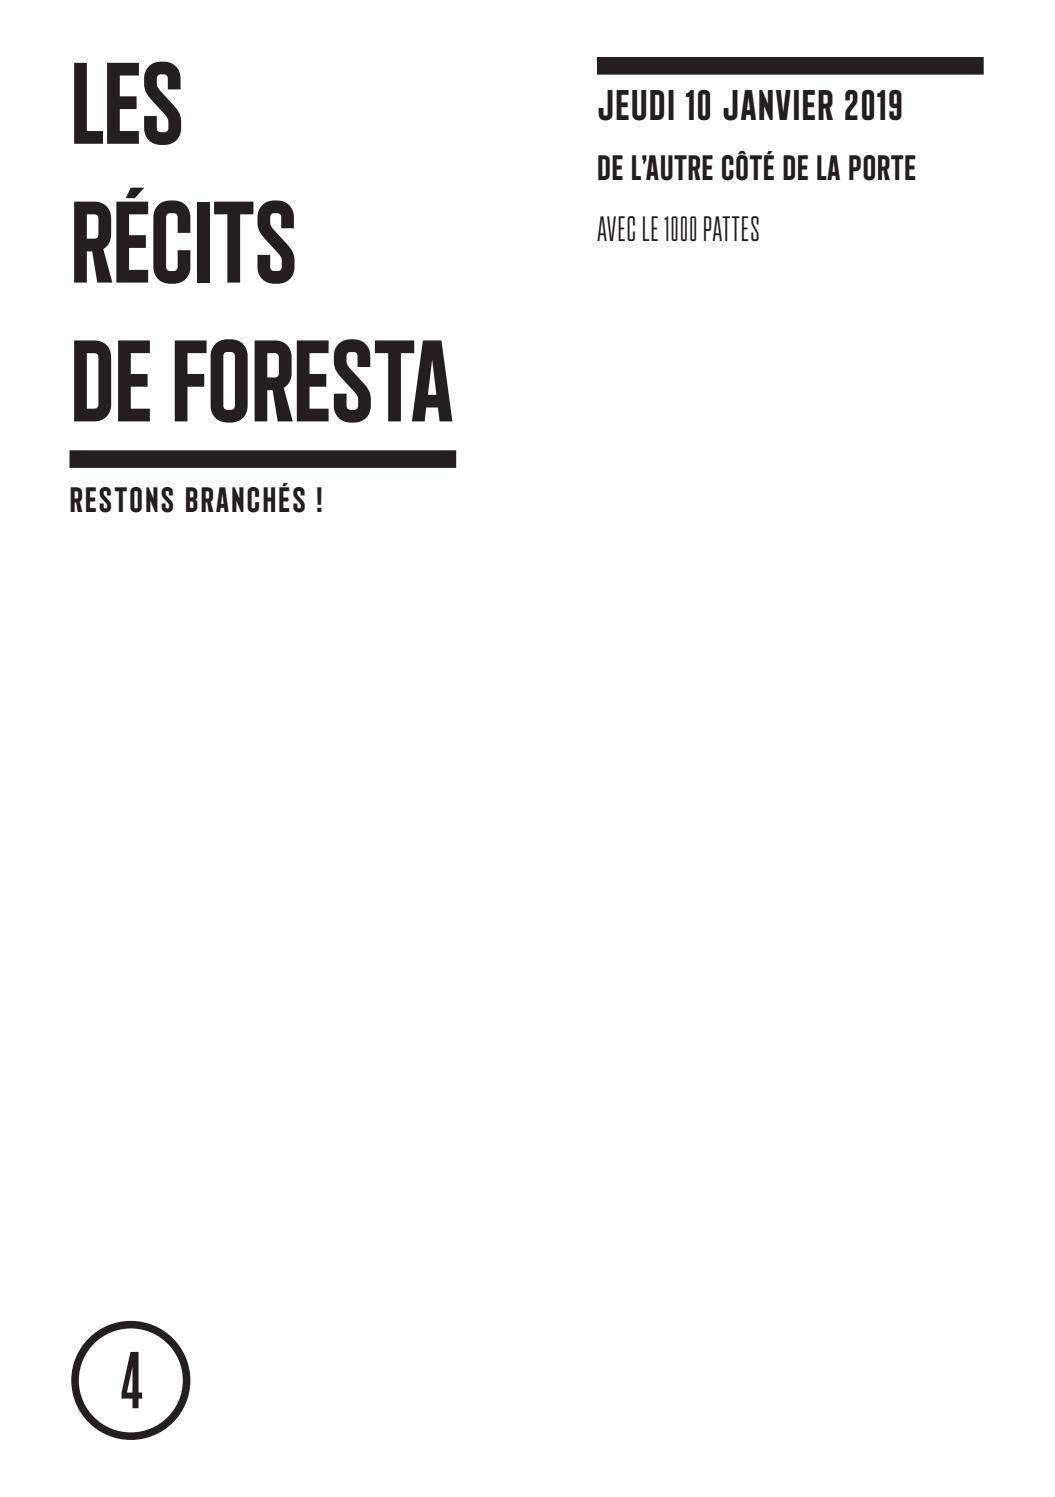 Faire Une Palissade Avec Des Branches les récits de foresta // restons branchés n°4bureau des